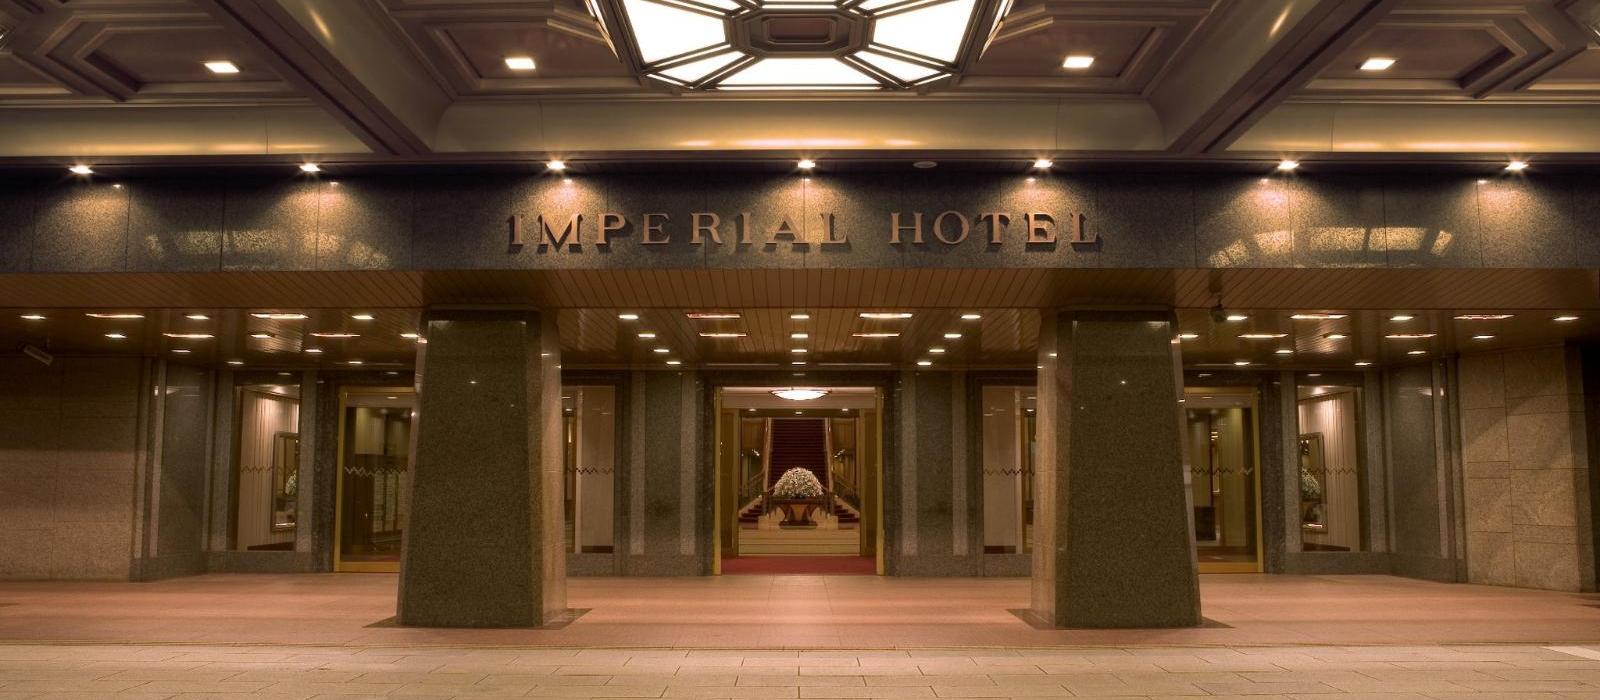 东京帝国酒店(Imperial Hotel, Tokyo) 酒店入口图片  www.lhw.cn